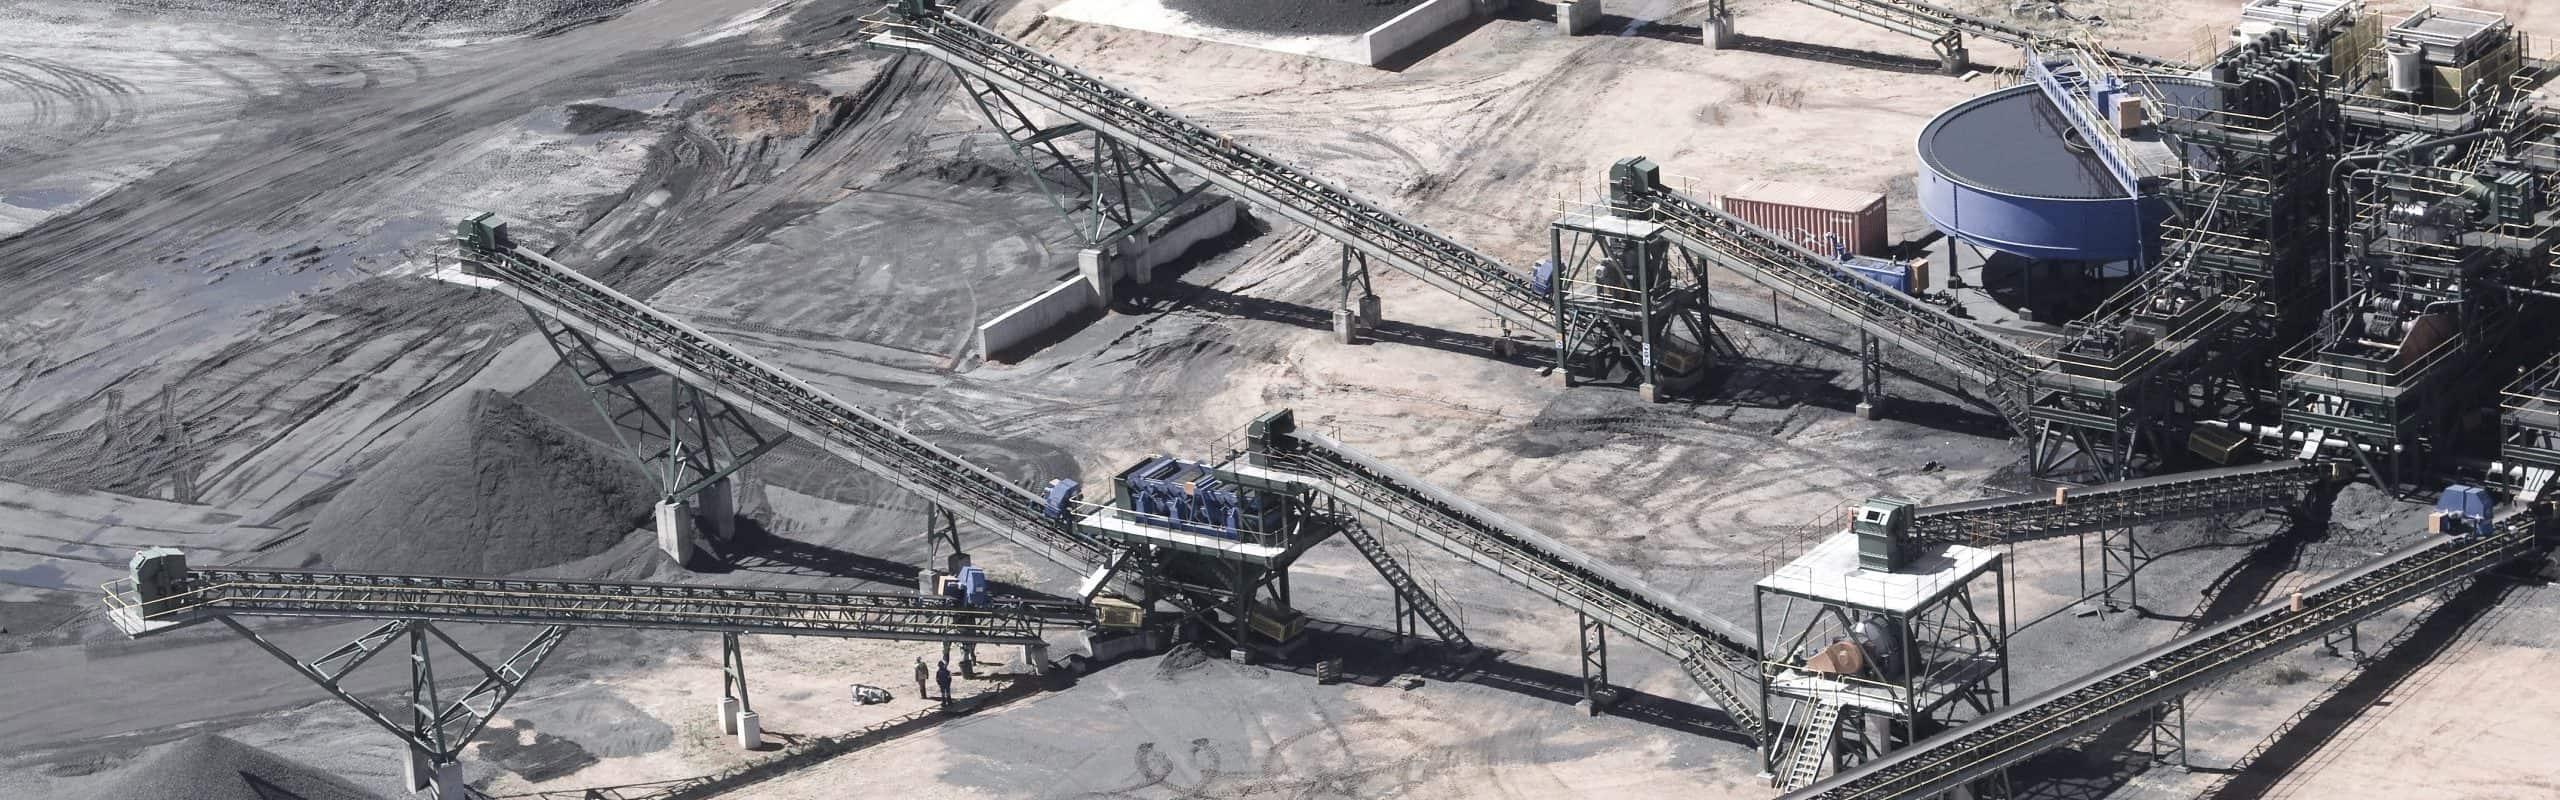 Industrial-mineral-processing-bulkinside-news-innovations